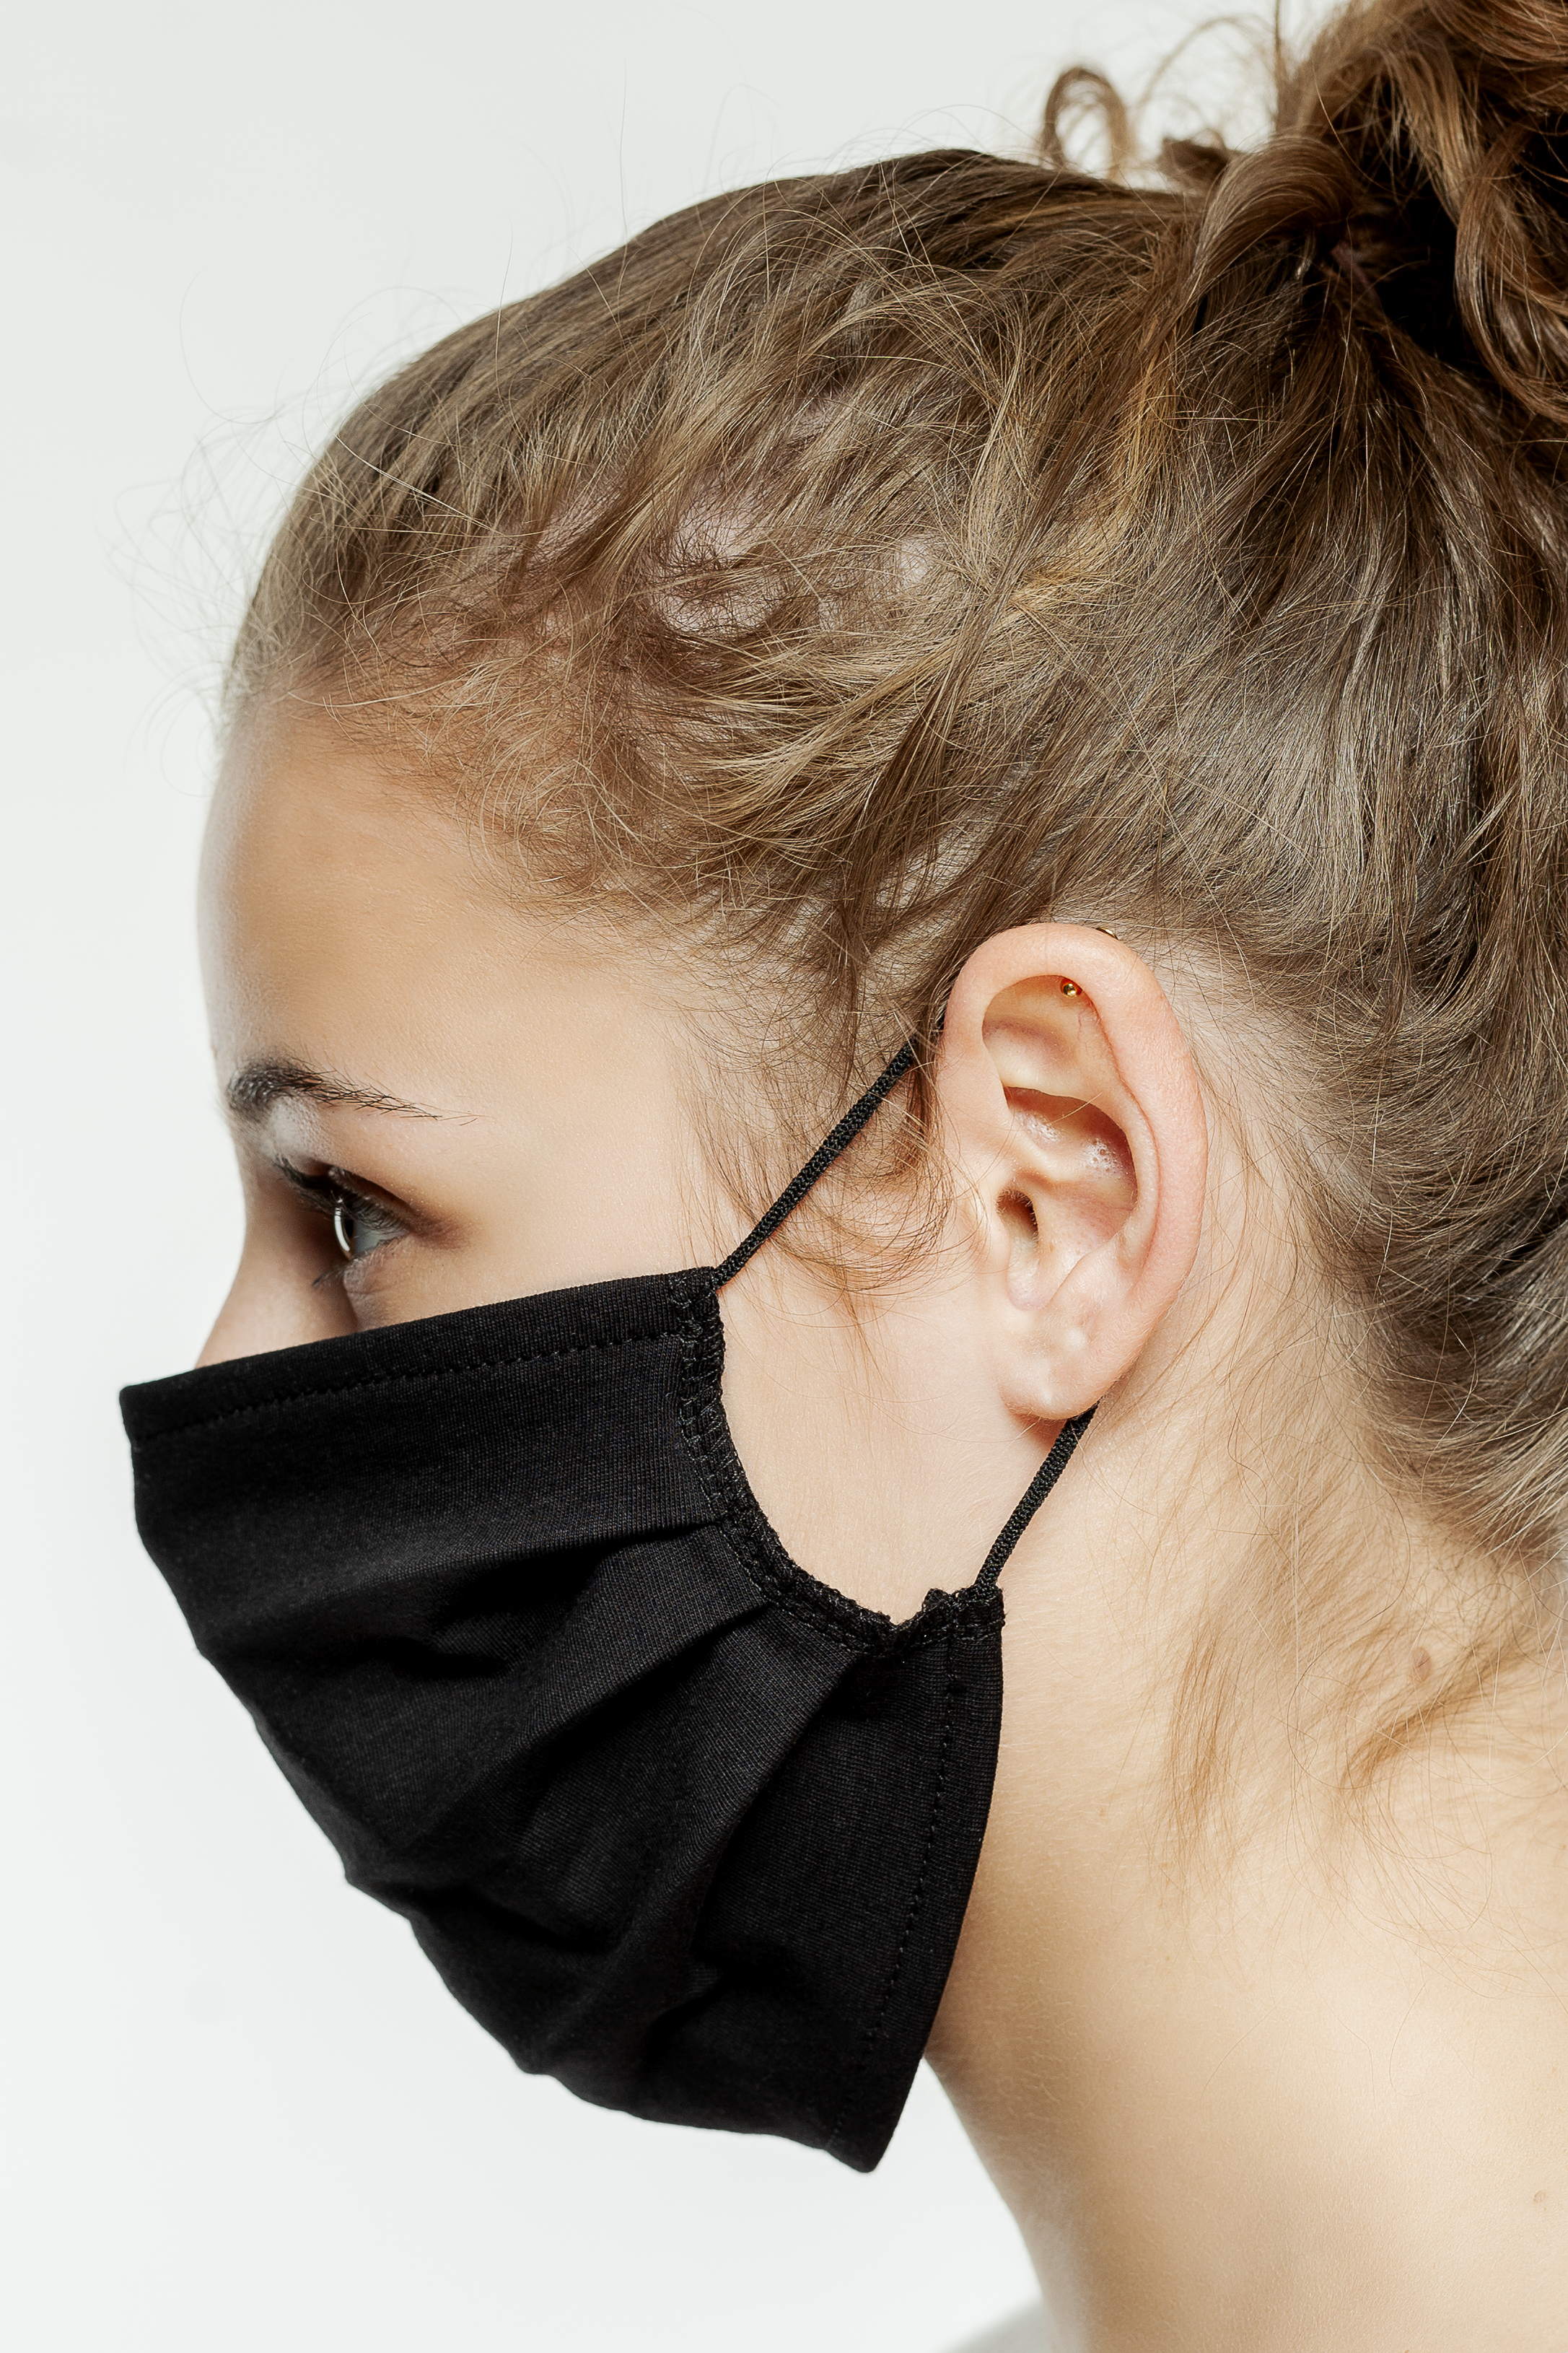 hochwertige Mund- und Nasenmasken schwarz